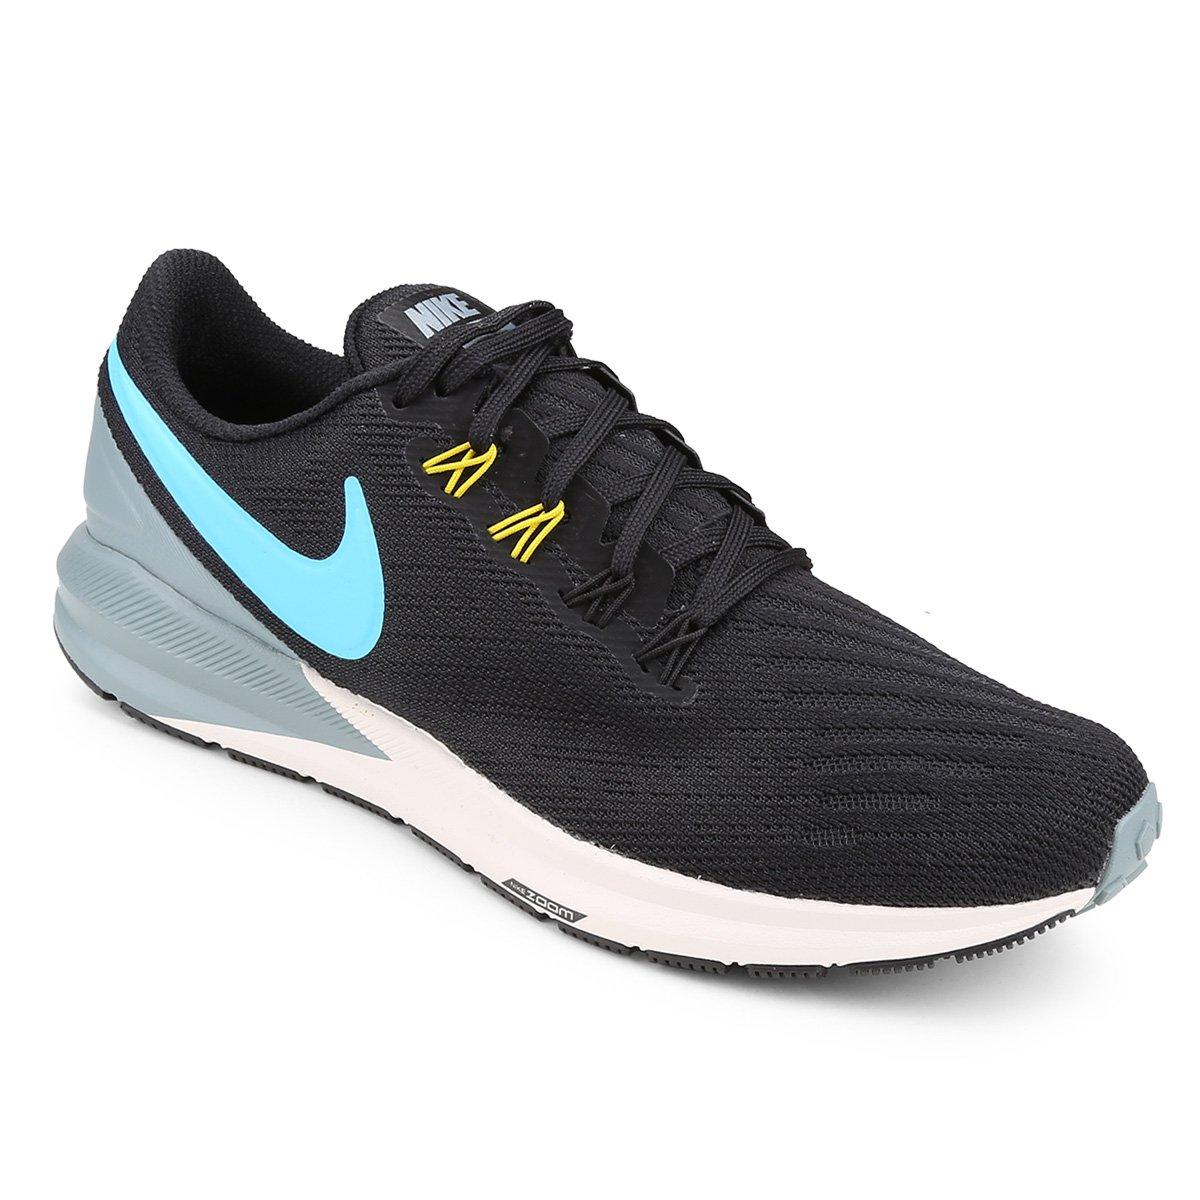 df8a8bb8507503 Tênis Nike Air Zoom Structure 22 Masculino - Preto e Azul | Shop Timão